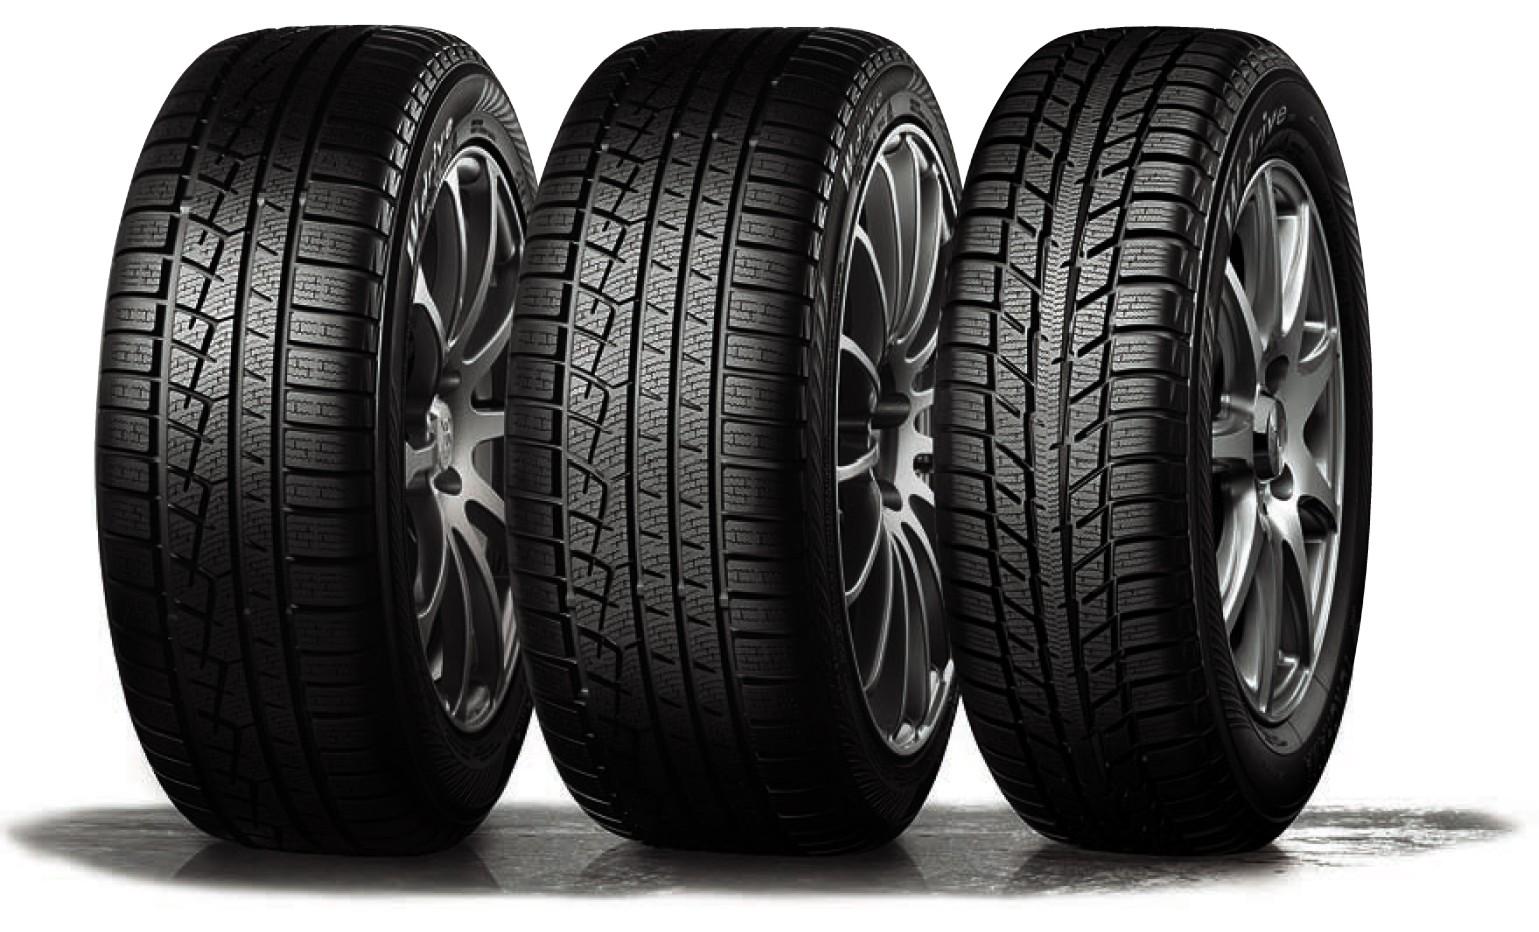 ¿Cómo leer los códigos de los neumáticos?